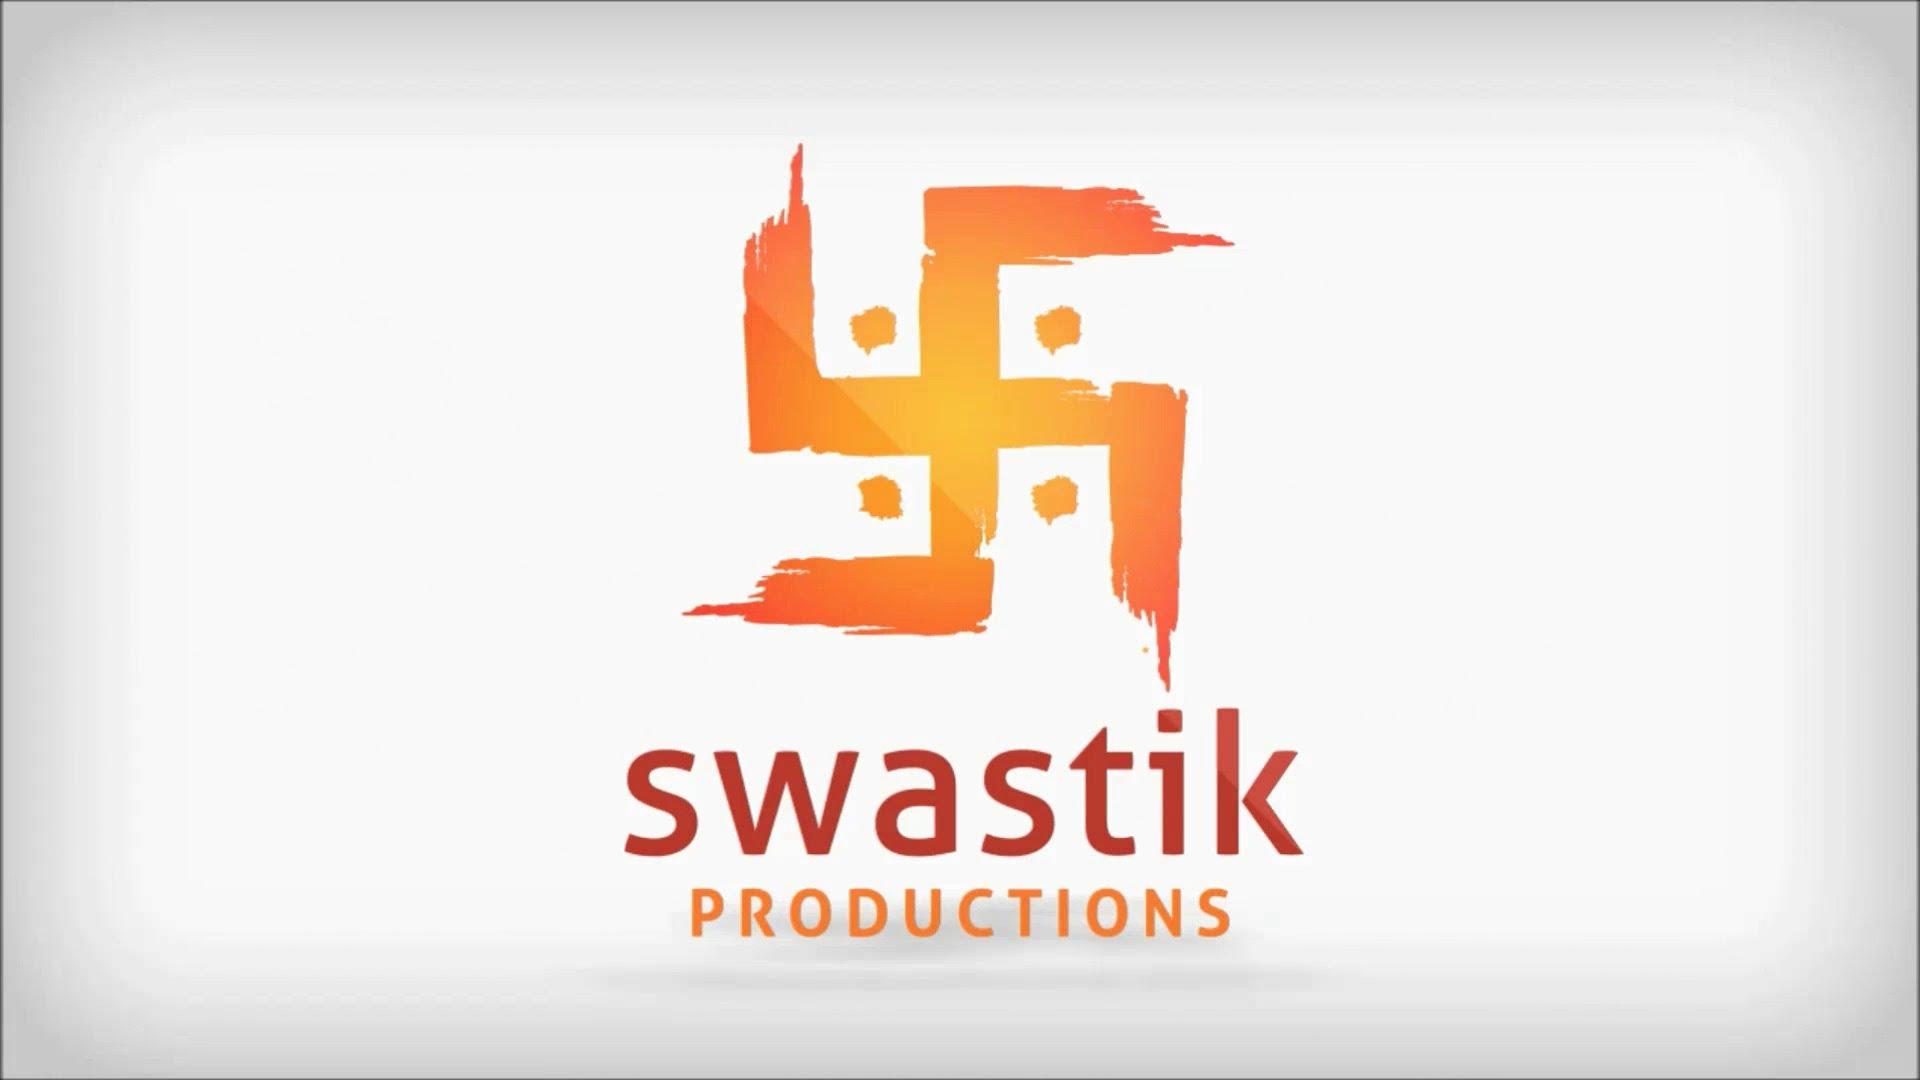 Swastik Logos